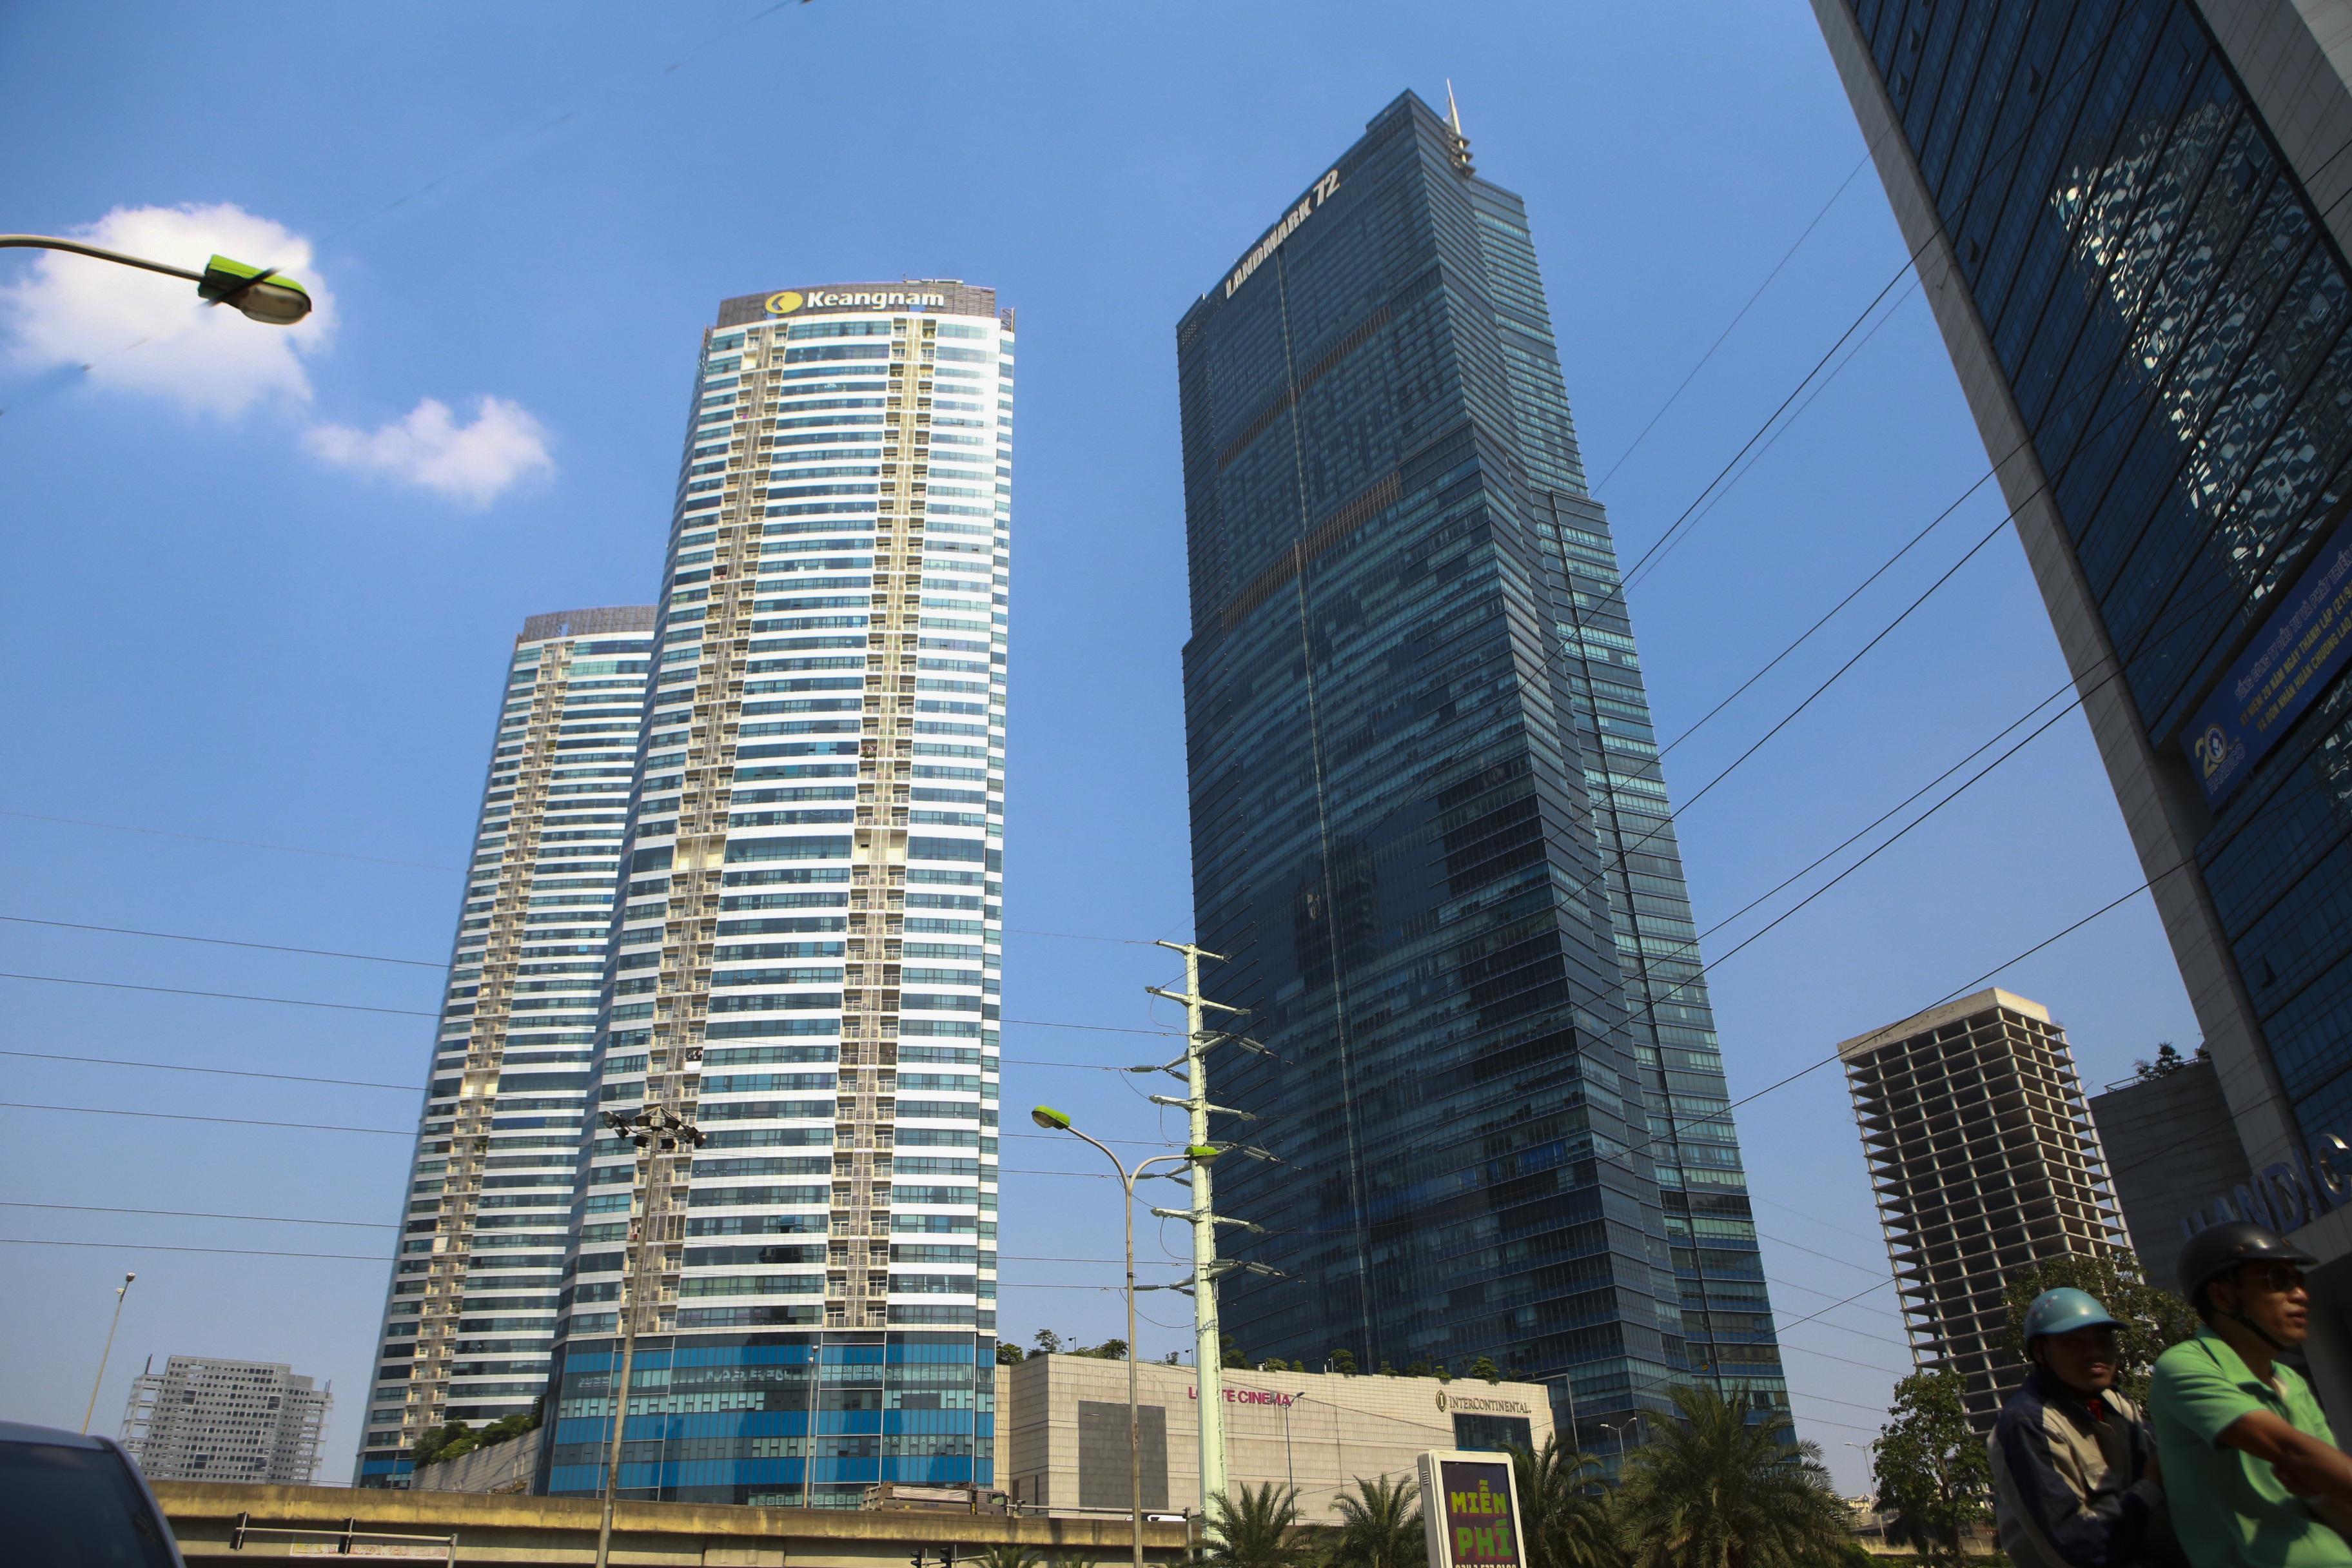 Những hình ảnh của 4 tòa nhà cao nhất Hà Nội nhìn từ trên cao - 3